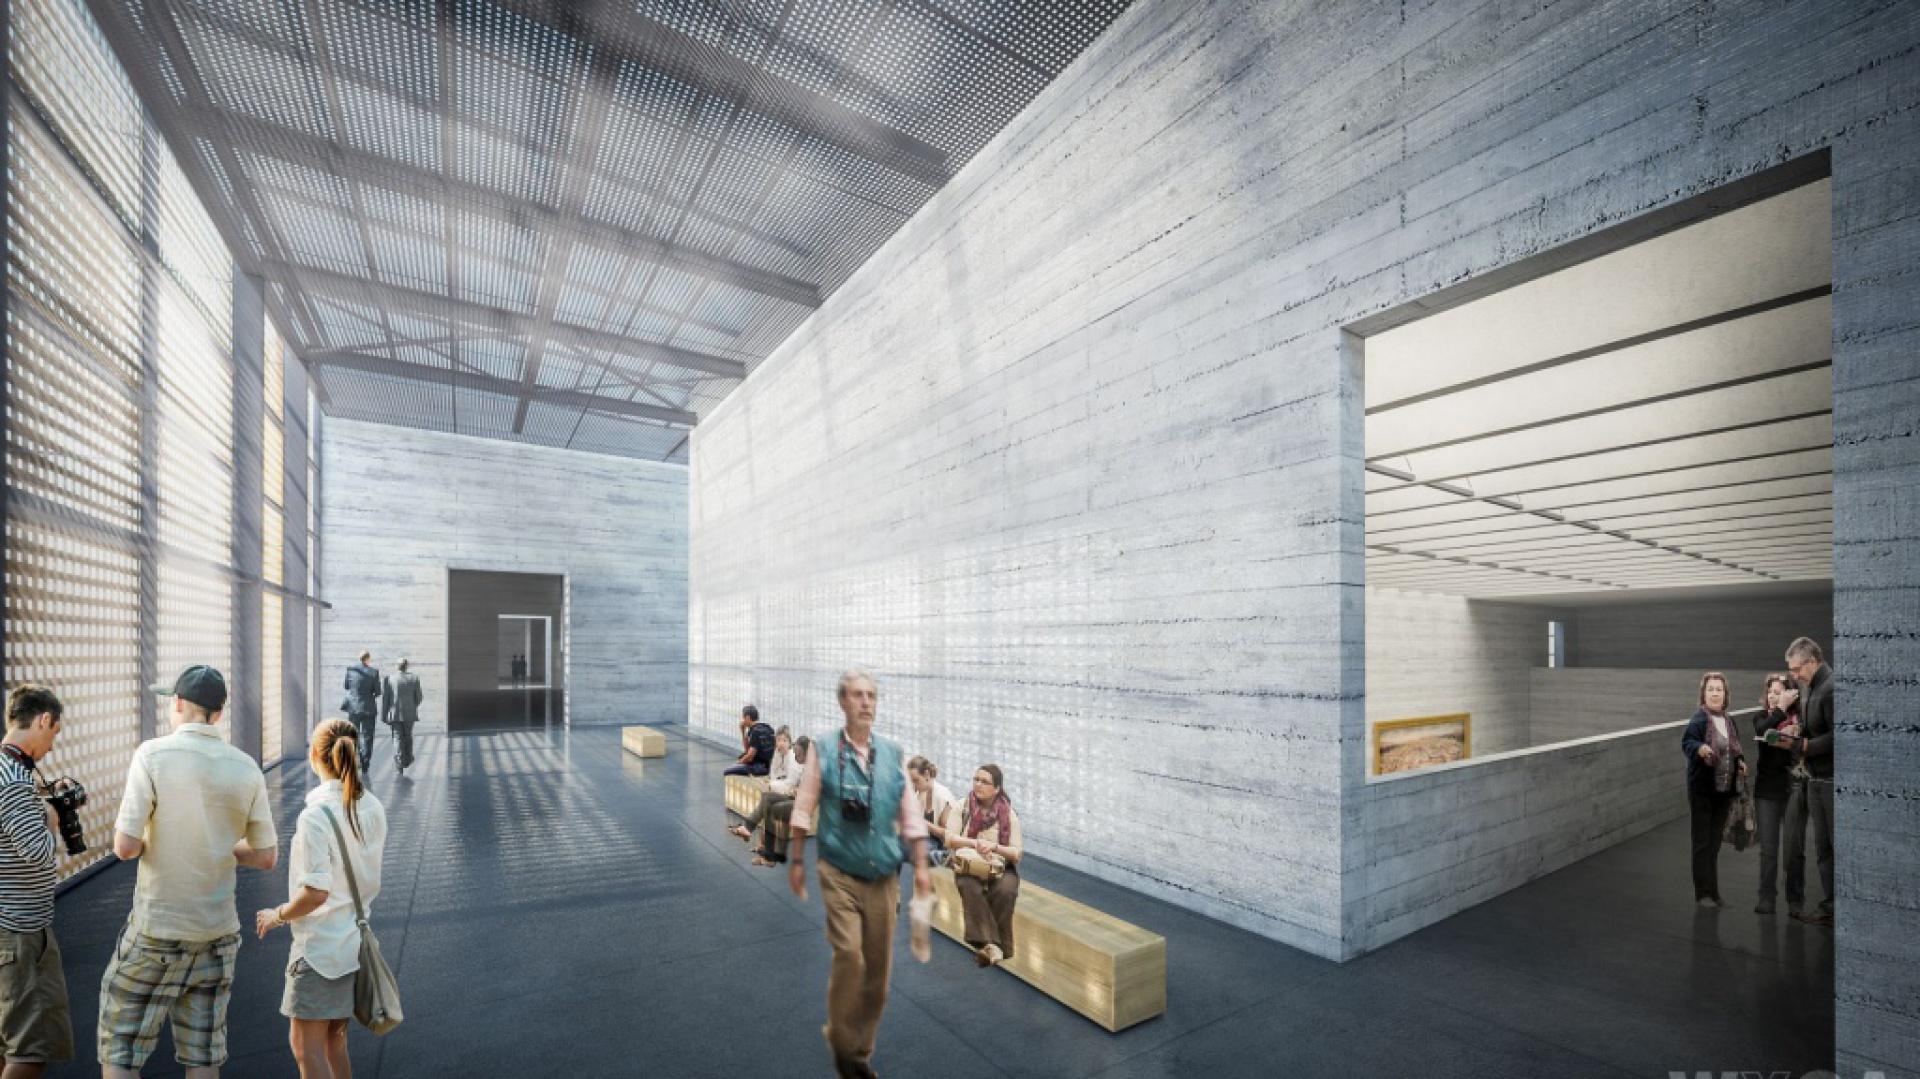 Muzeum Historii Polski, budynek główny muzeum, przestrzeń wypoczynku, wizualizacja WXCA.